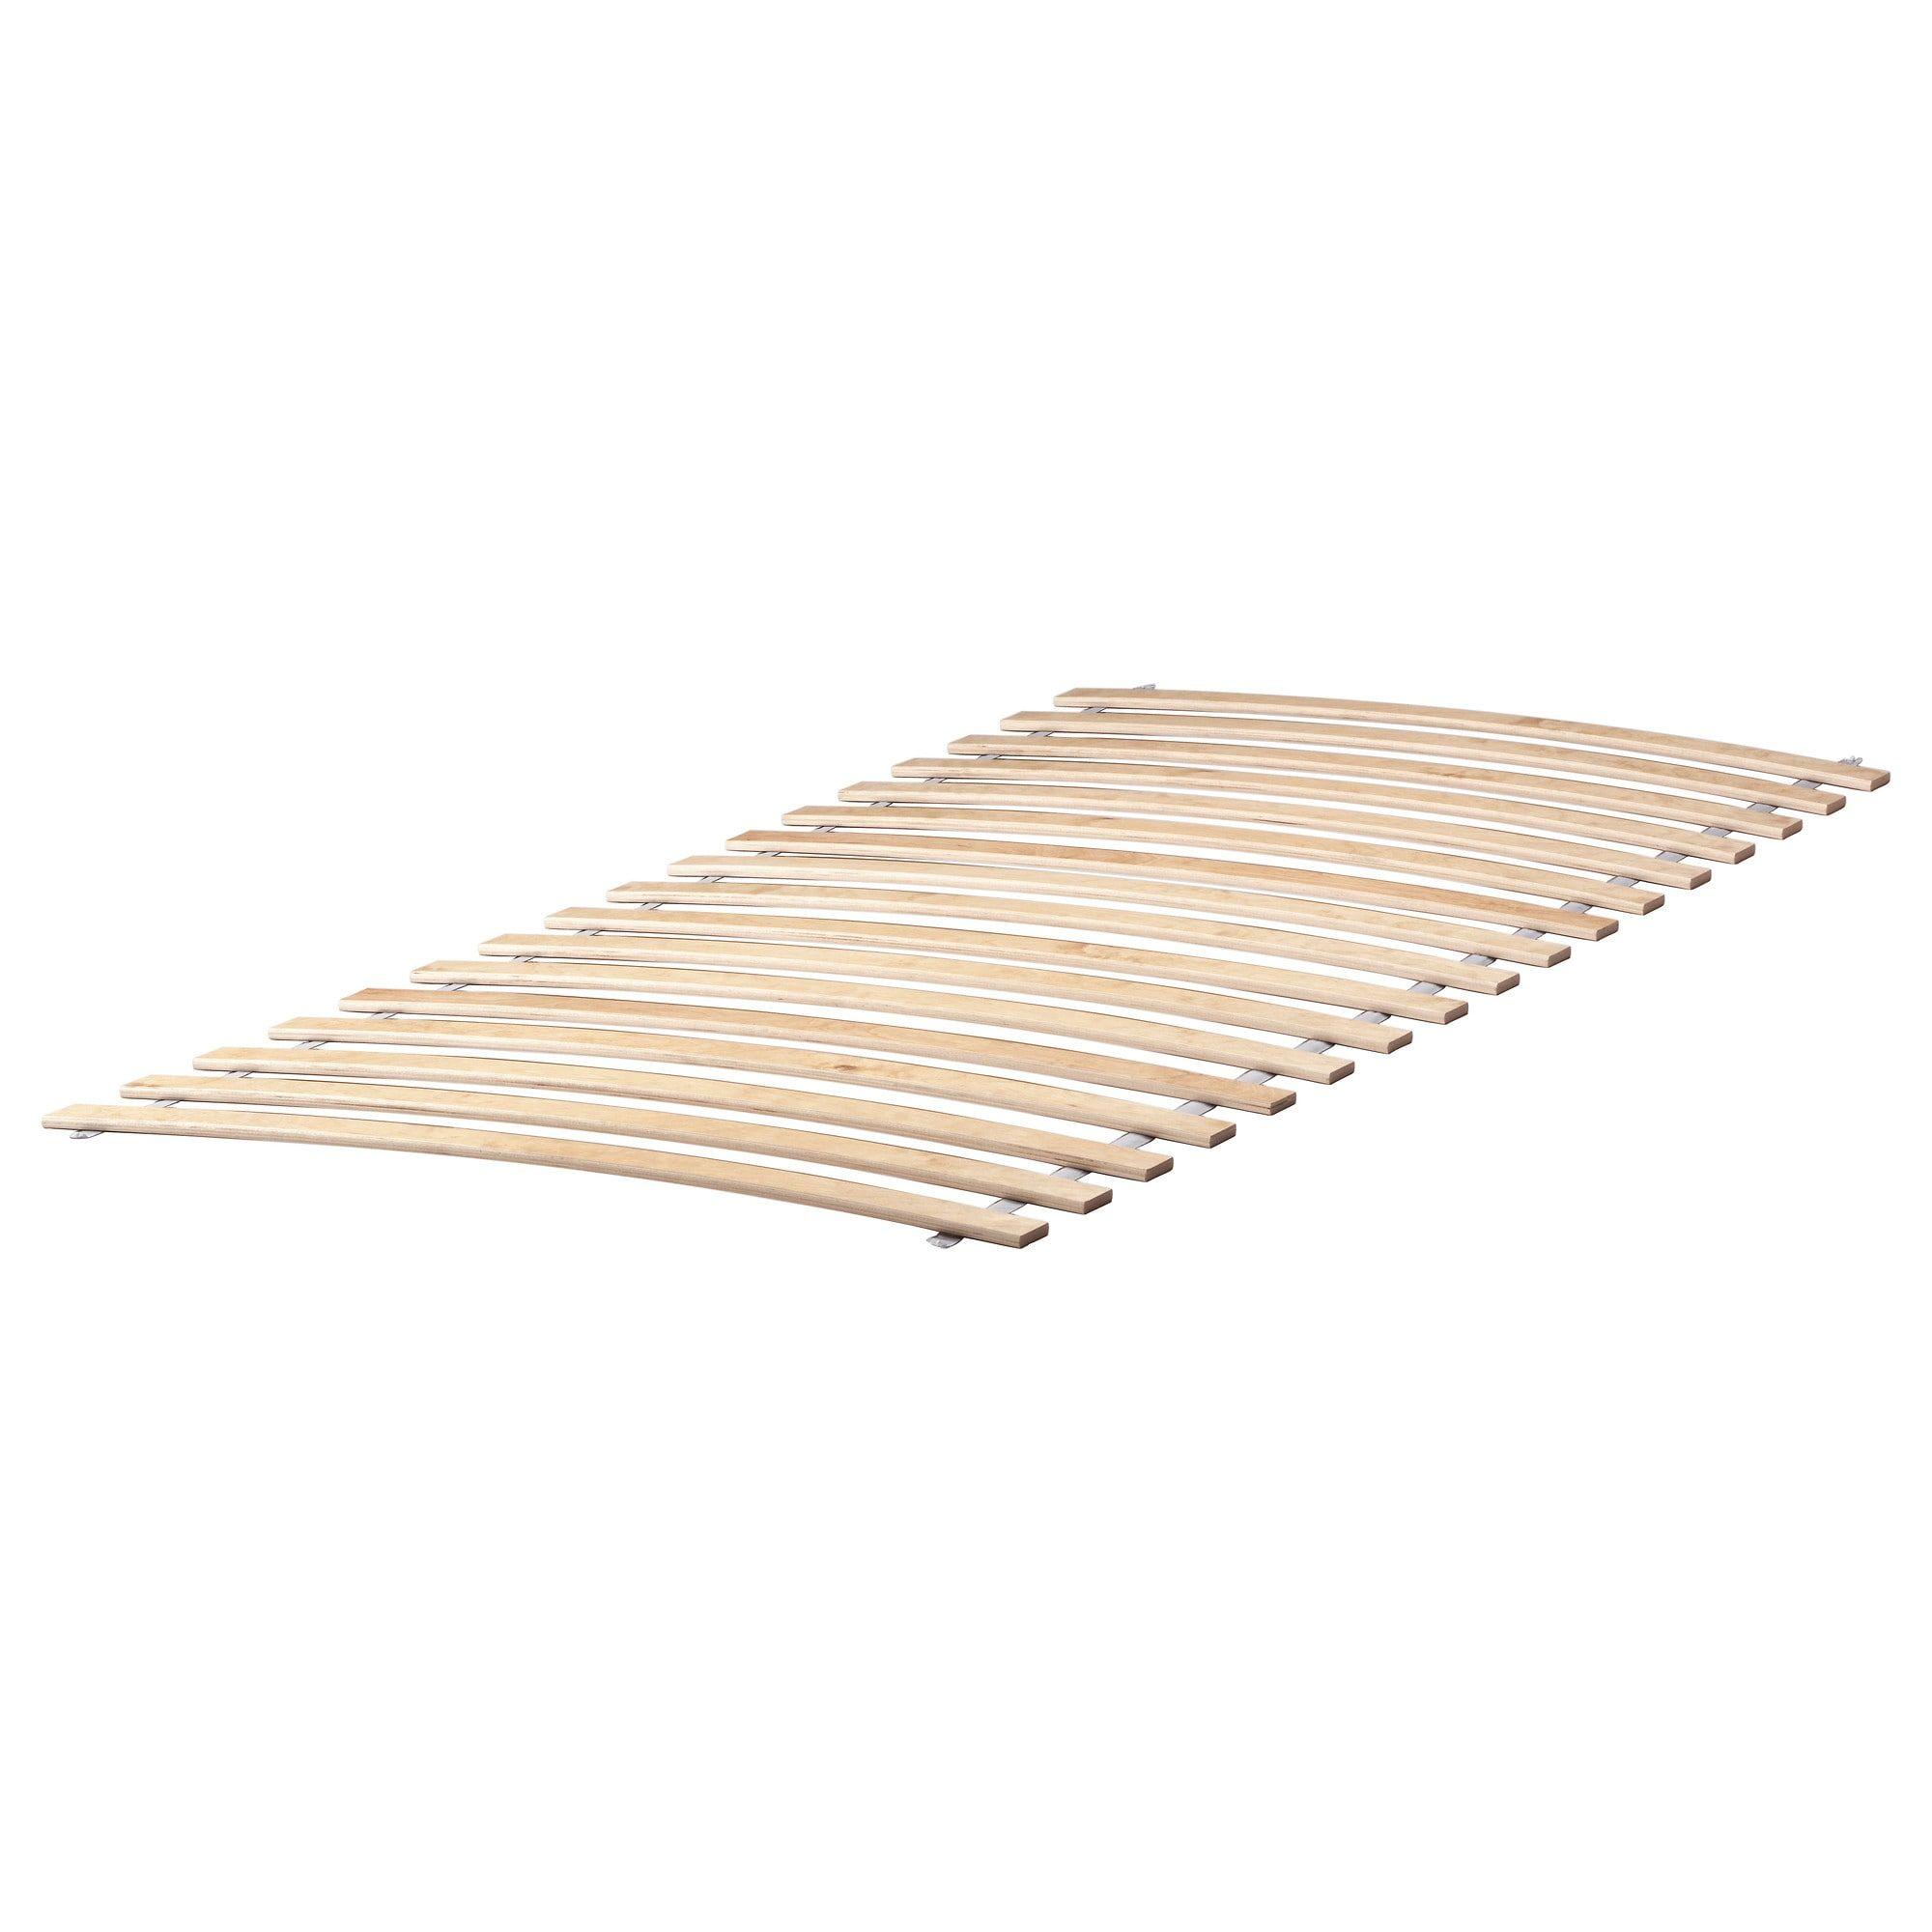 Luroy Slatted Bed Base Twin Bed Slats Bed Base Ikea Bed Frames